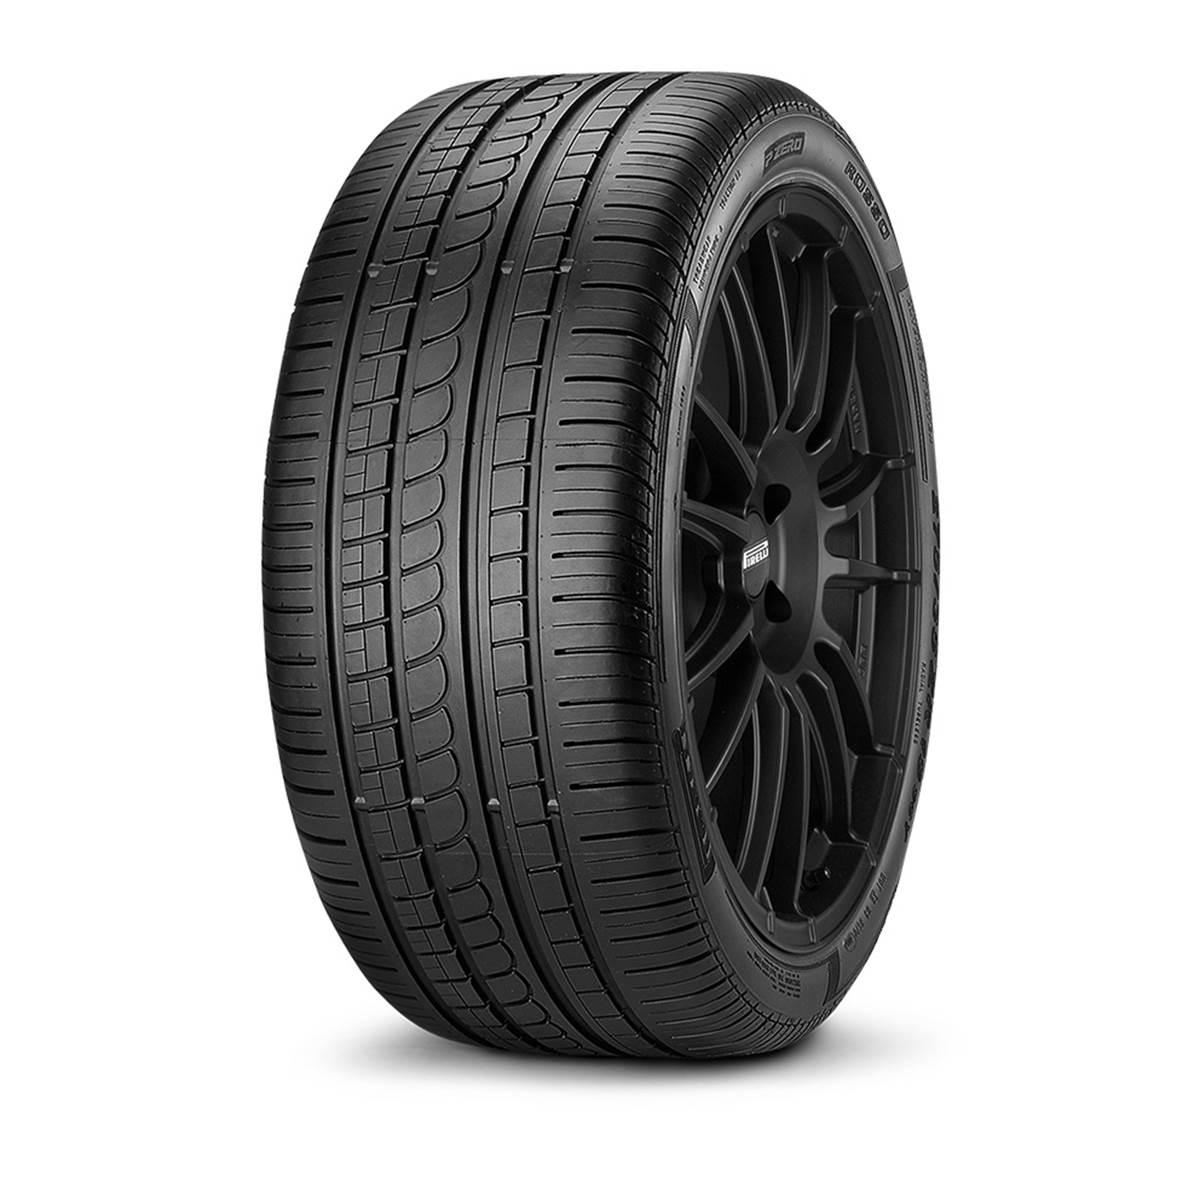 Pneu Pirelli 245/40R17 91Y Pzero Nero (Gt)